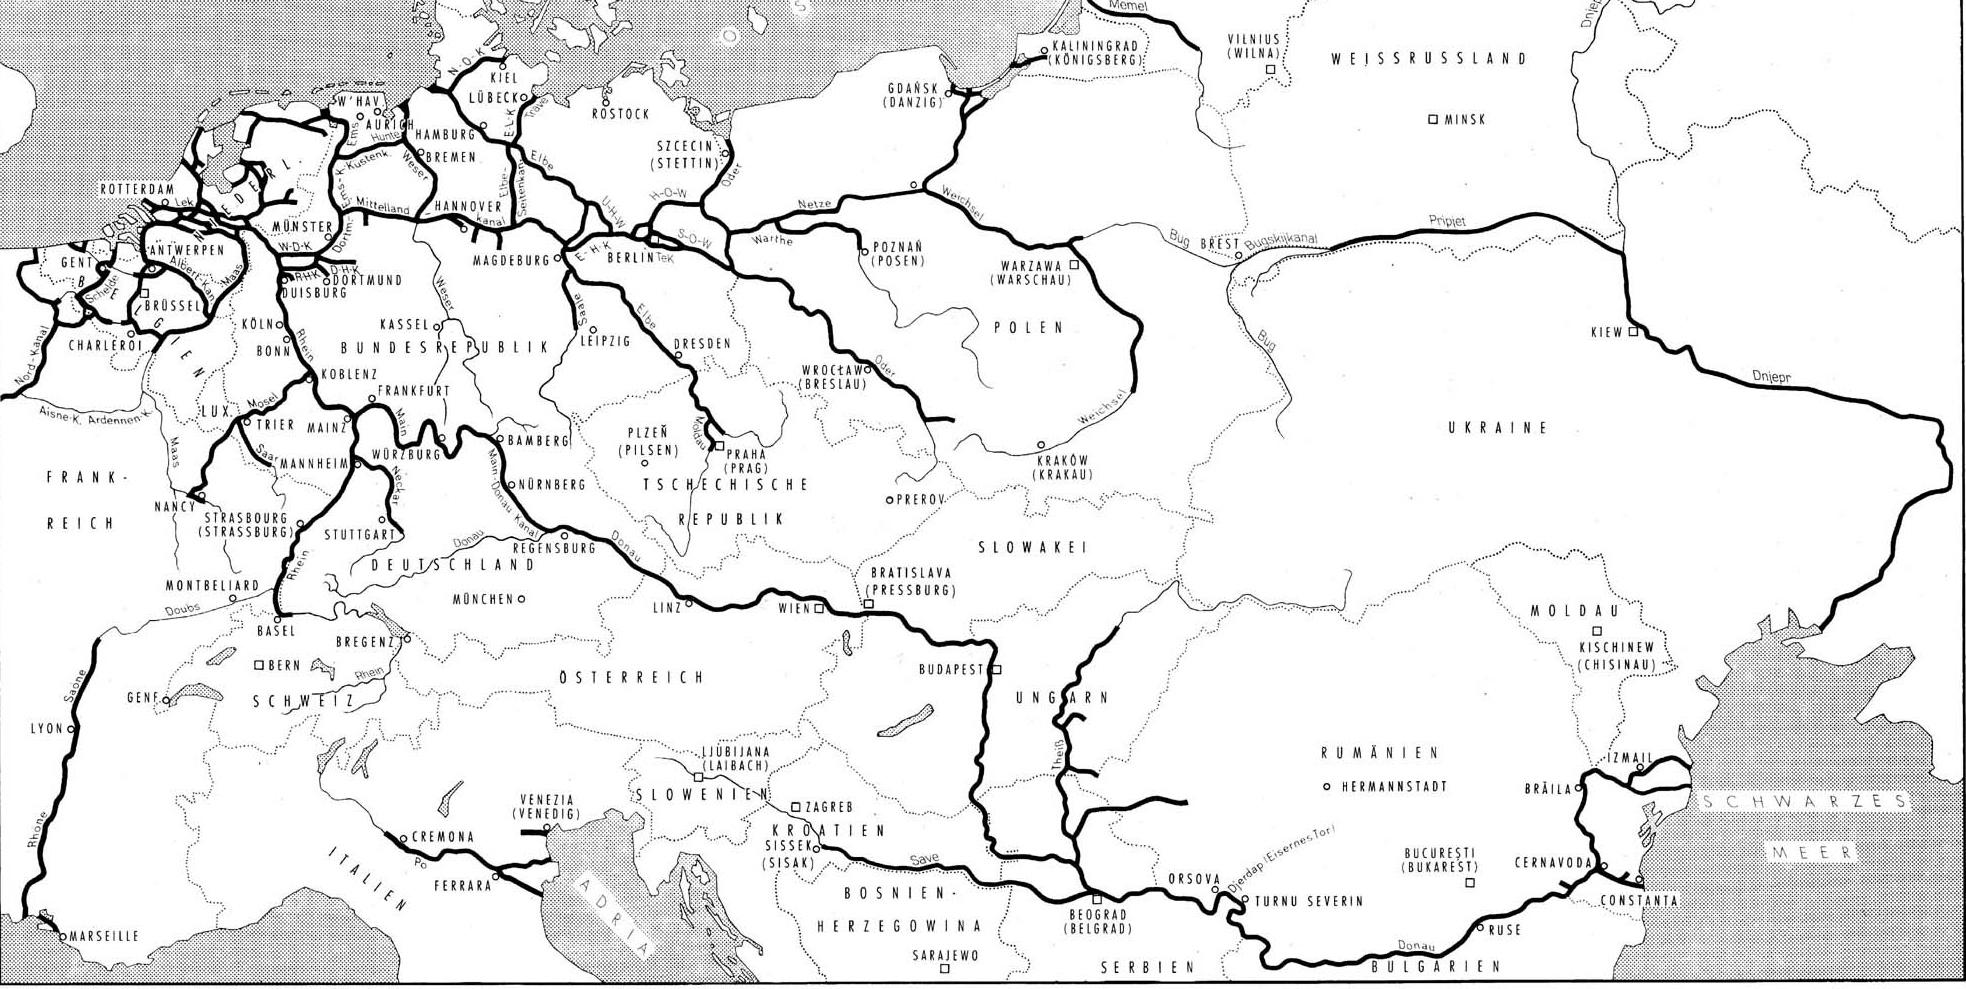 Redécouvrir la france par ses fleuves et rivières :